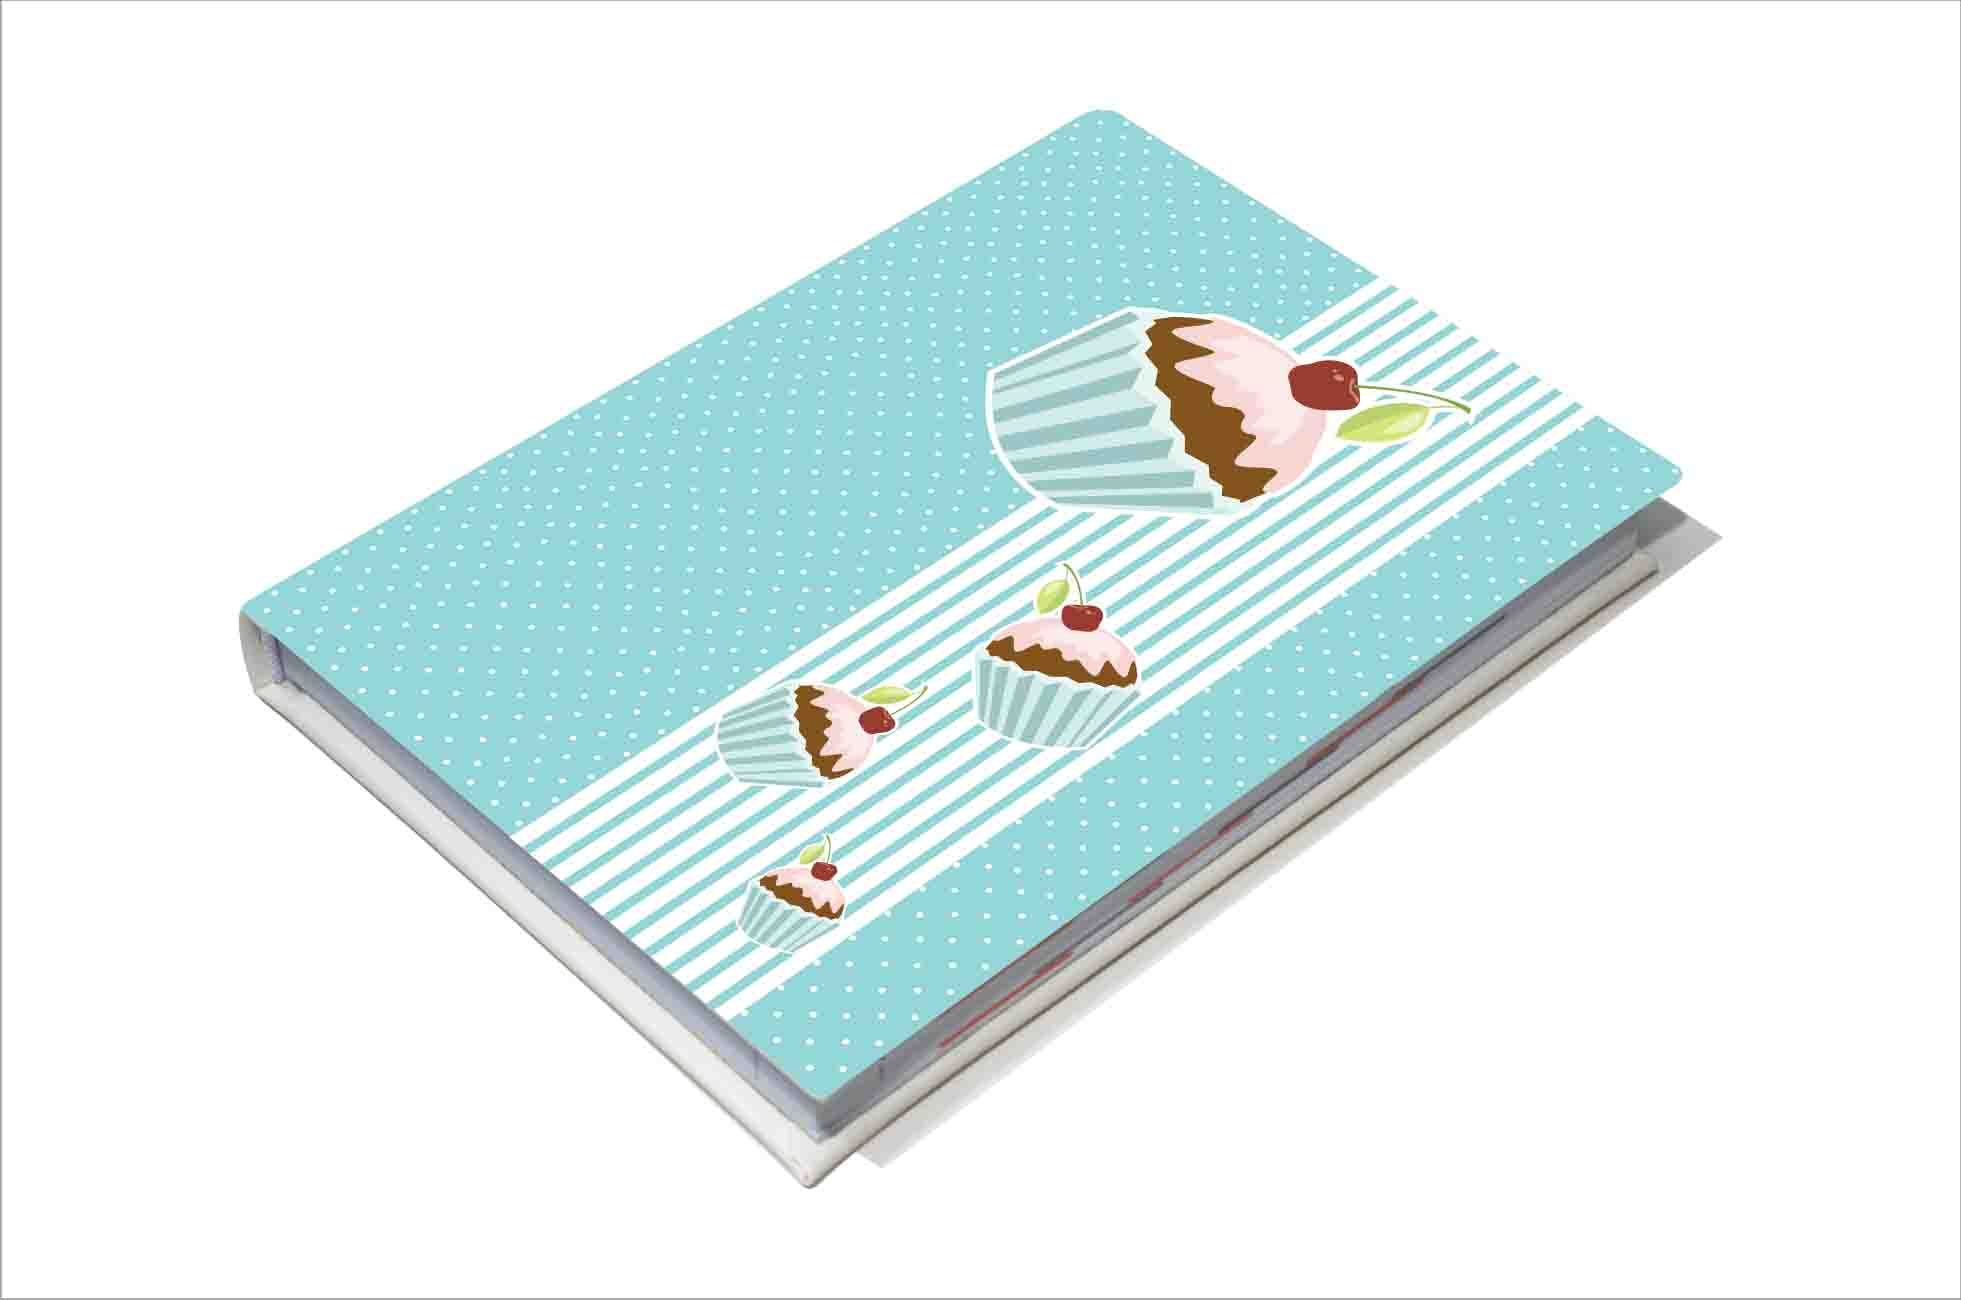 Kalendarz Ksiazkowy 2015 A6 Tygodniow Rozne Wzory 5297201751 Oficjalne Archiwum Allegro Cards